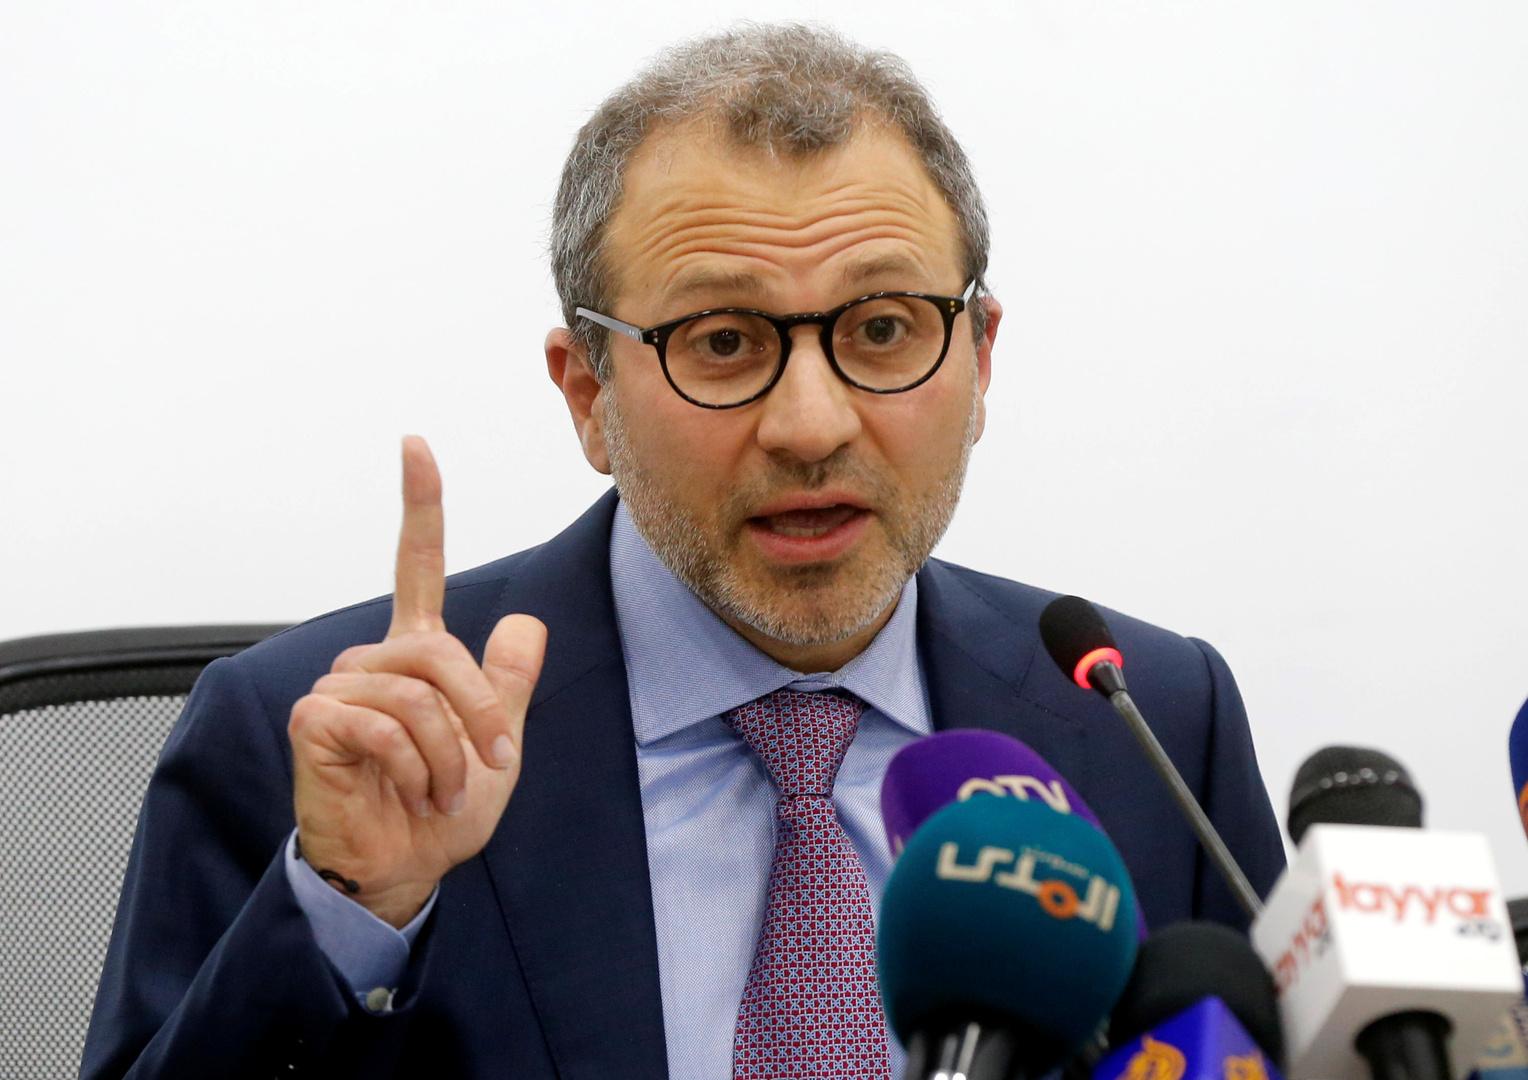 شركة تدقيق جنائي تلغي عقدها مع لبنان لعدم حصولها على بيانات المصرف المركزي